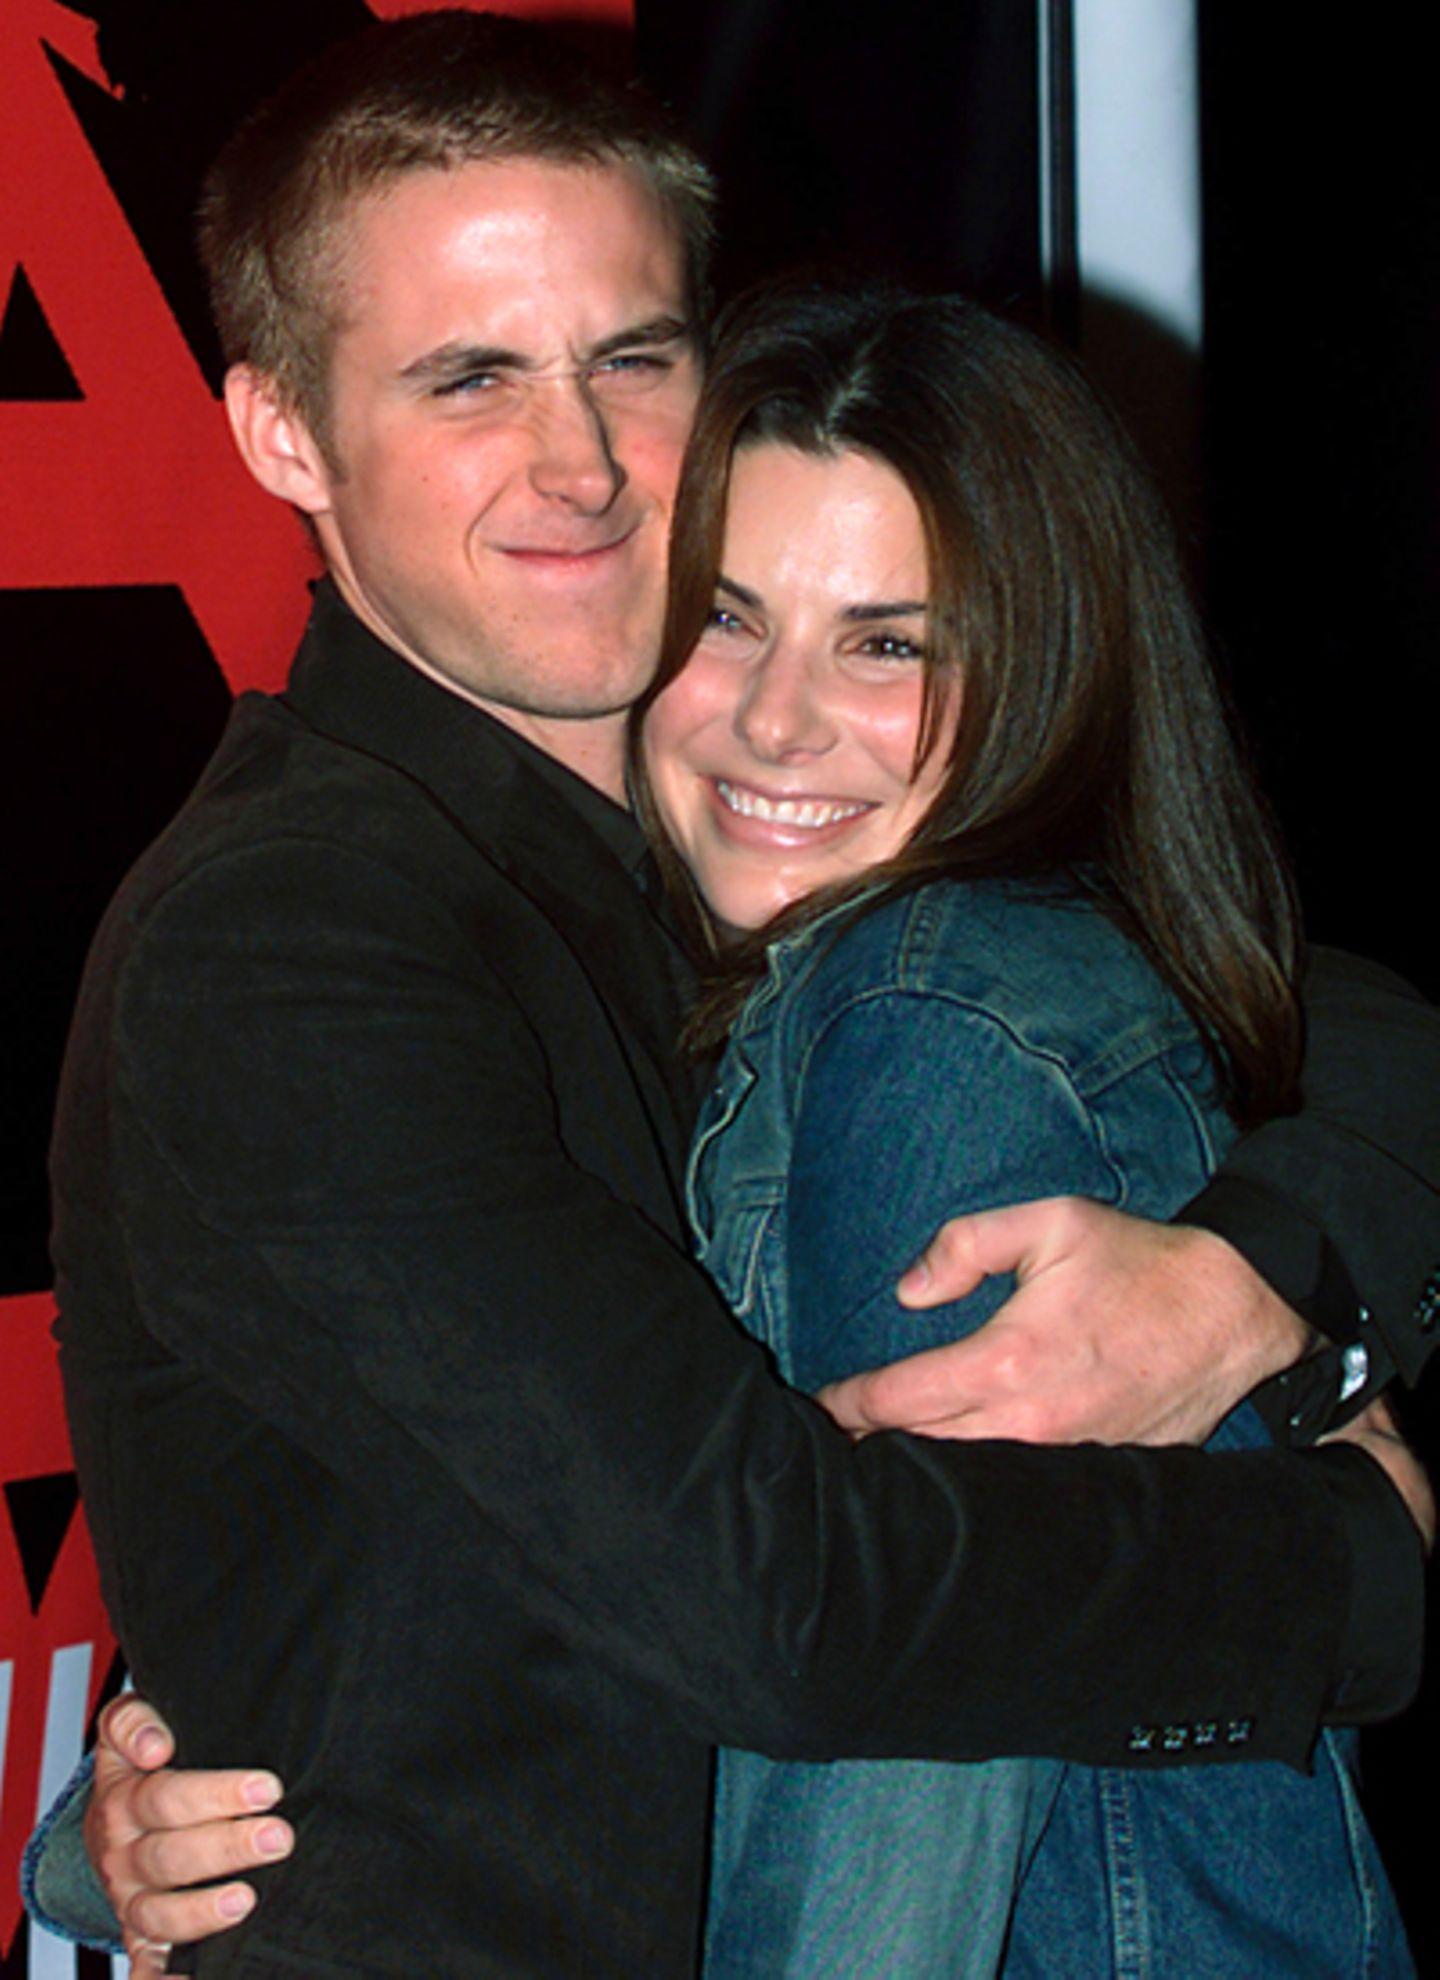 Sandra Bullock und Ryan Gosling: Gosling hat stets einen Hang zu ältere Frauen. 2001 verliebt sich der aufstrebende Schauspieler